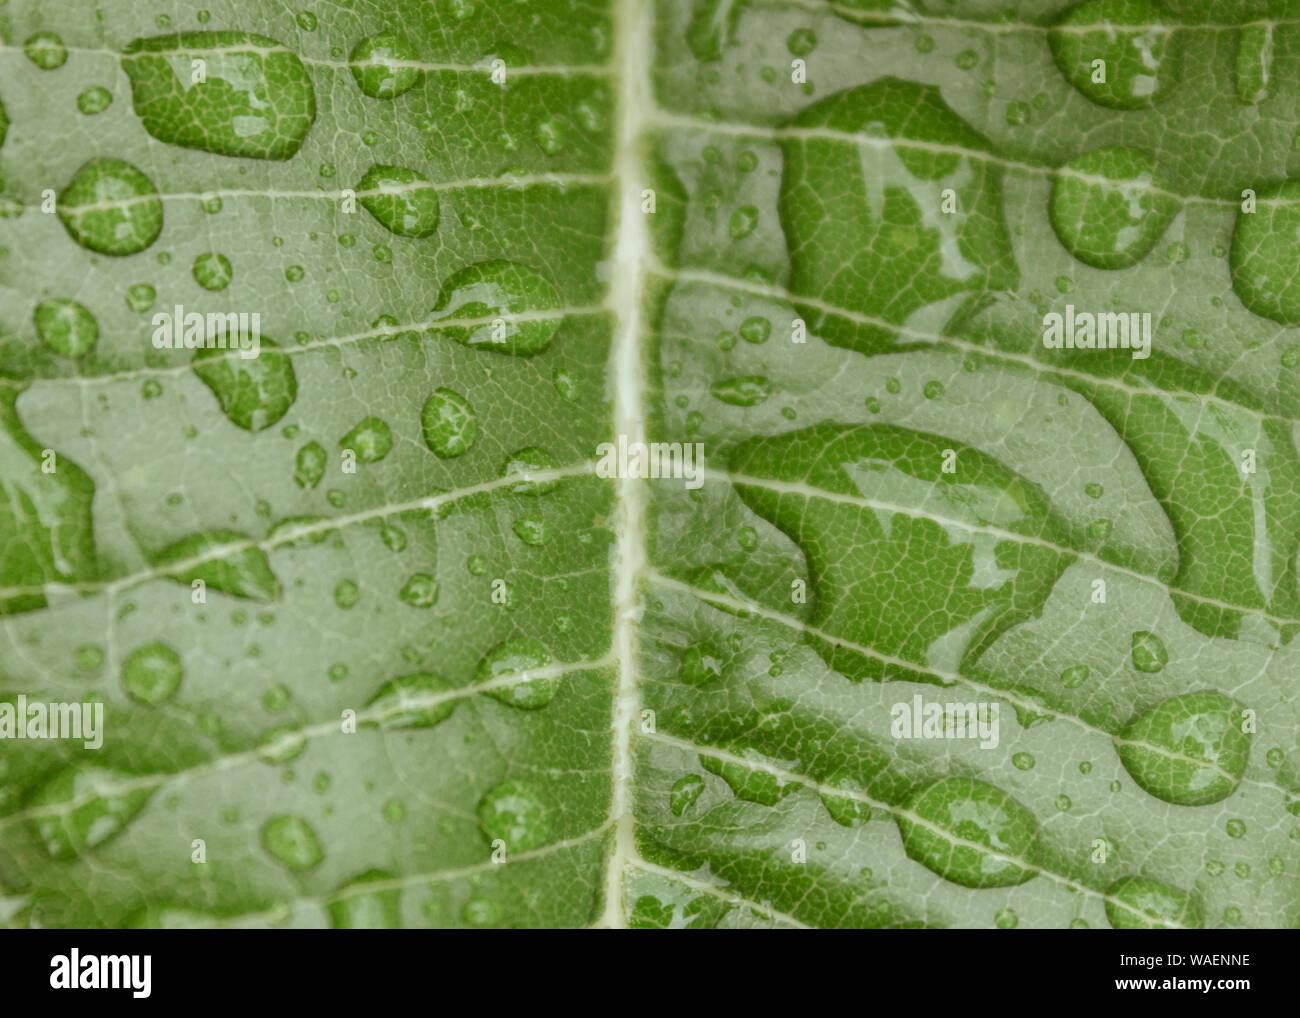 Leaf Epidermis Stock Photos Leaf Epidermis Stock Images